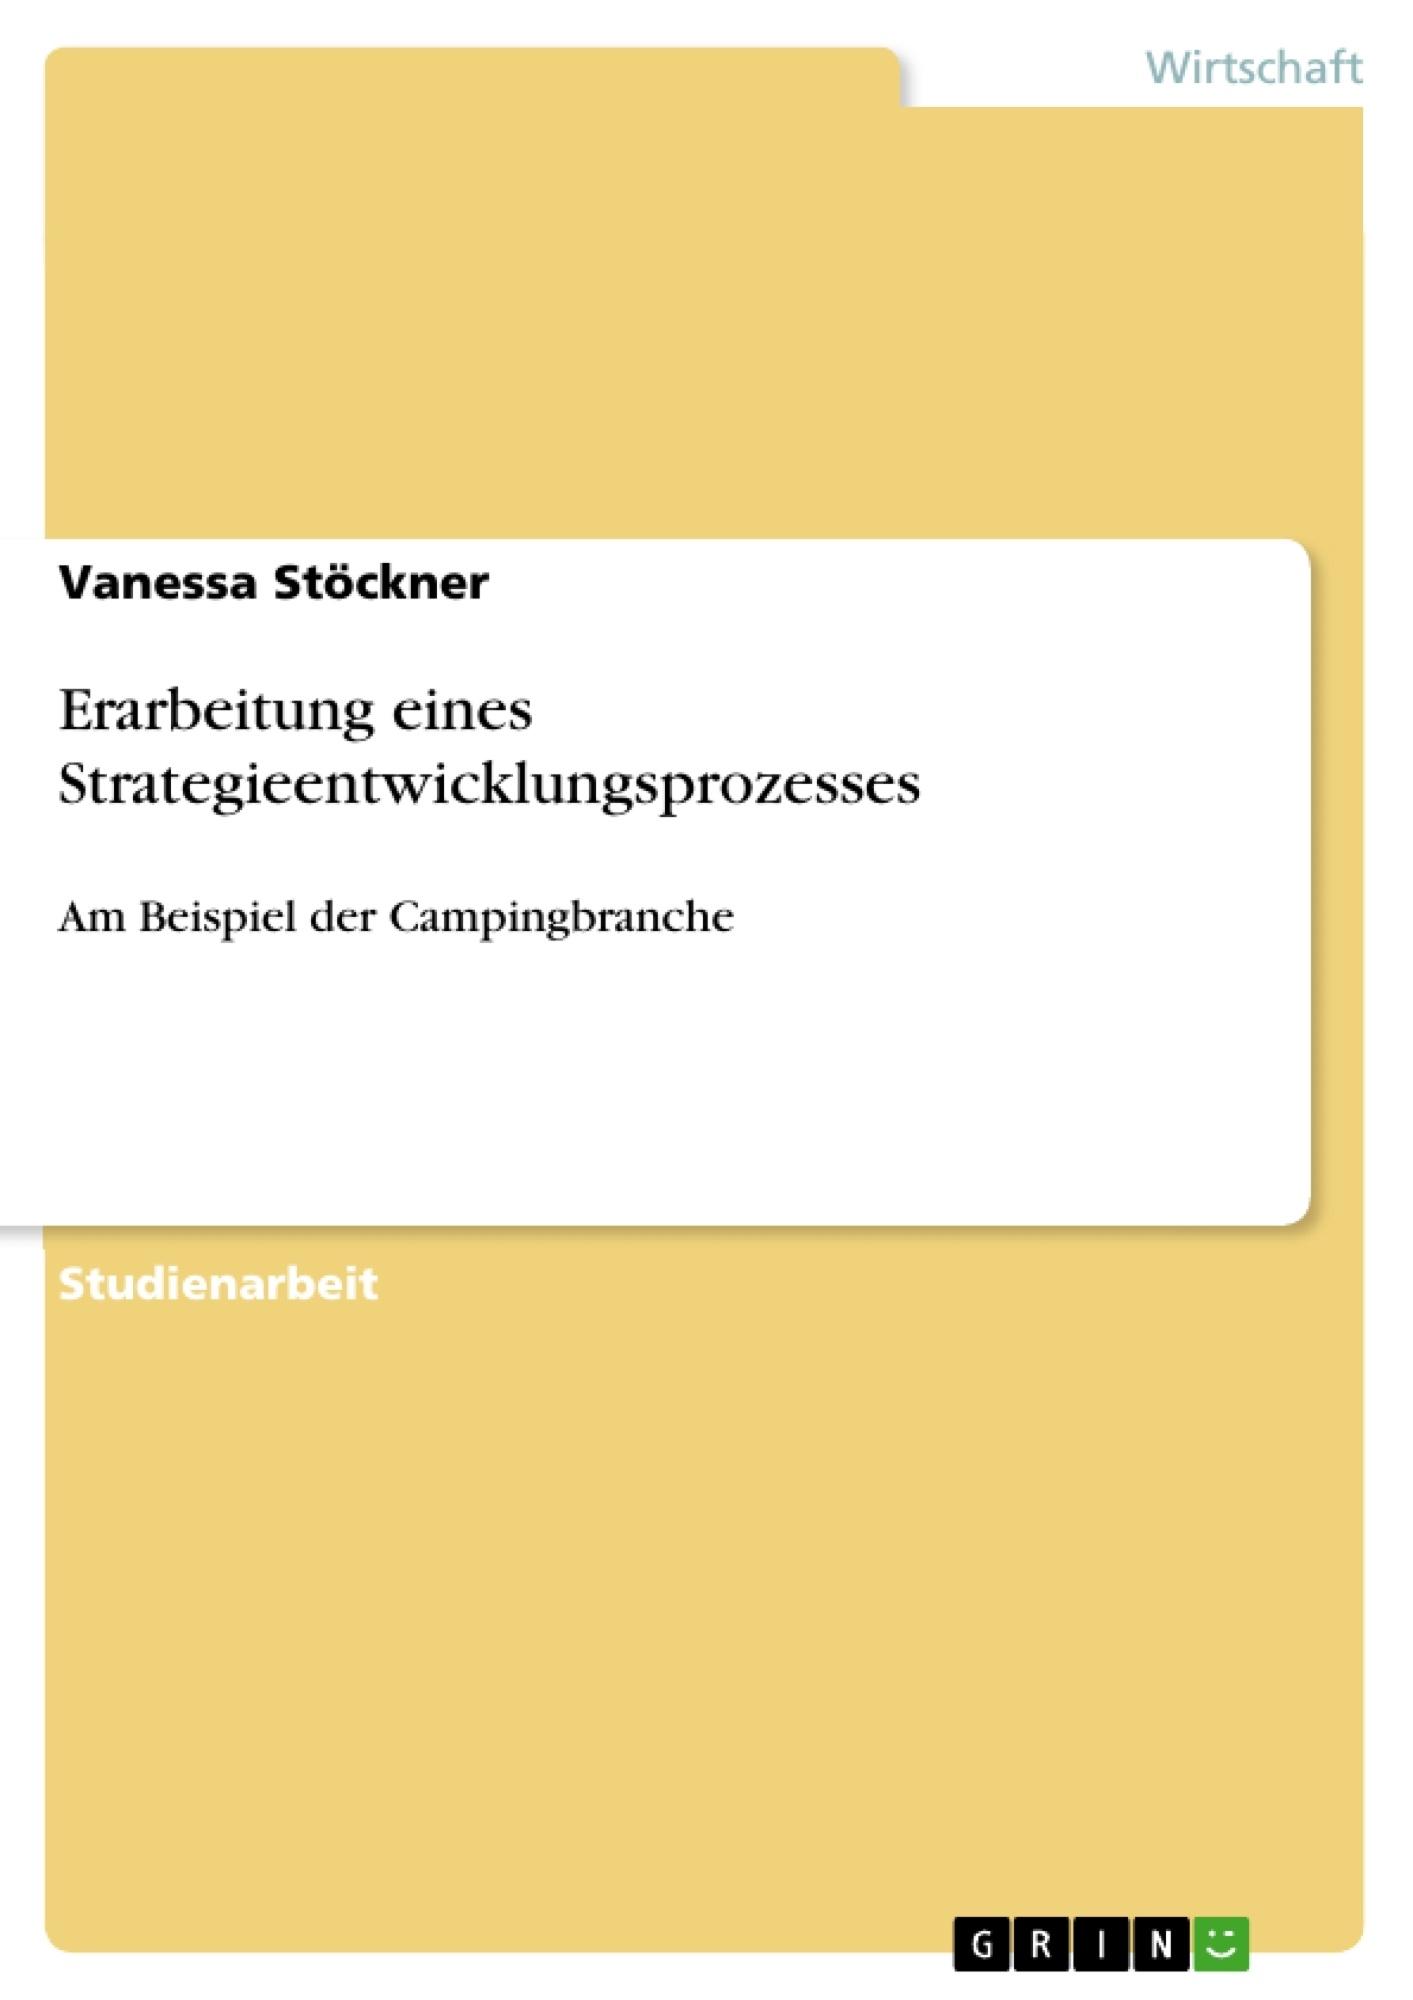 Titel: Erarbeitung eines Strategieentwicklungsprozesses